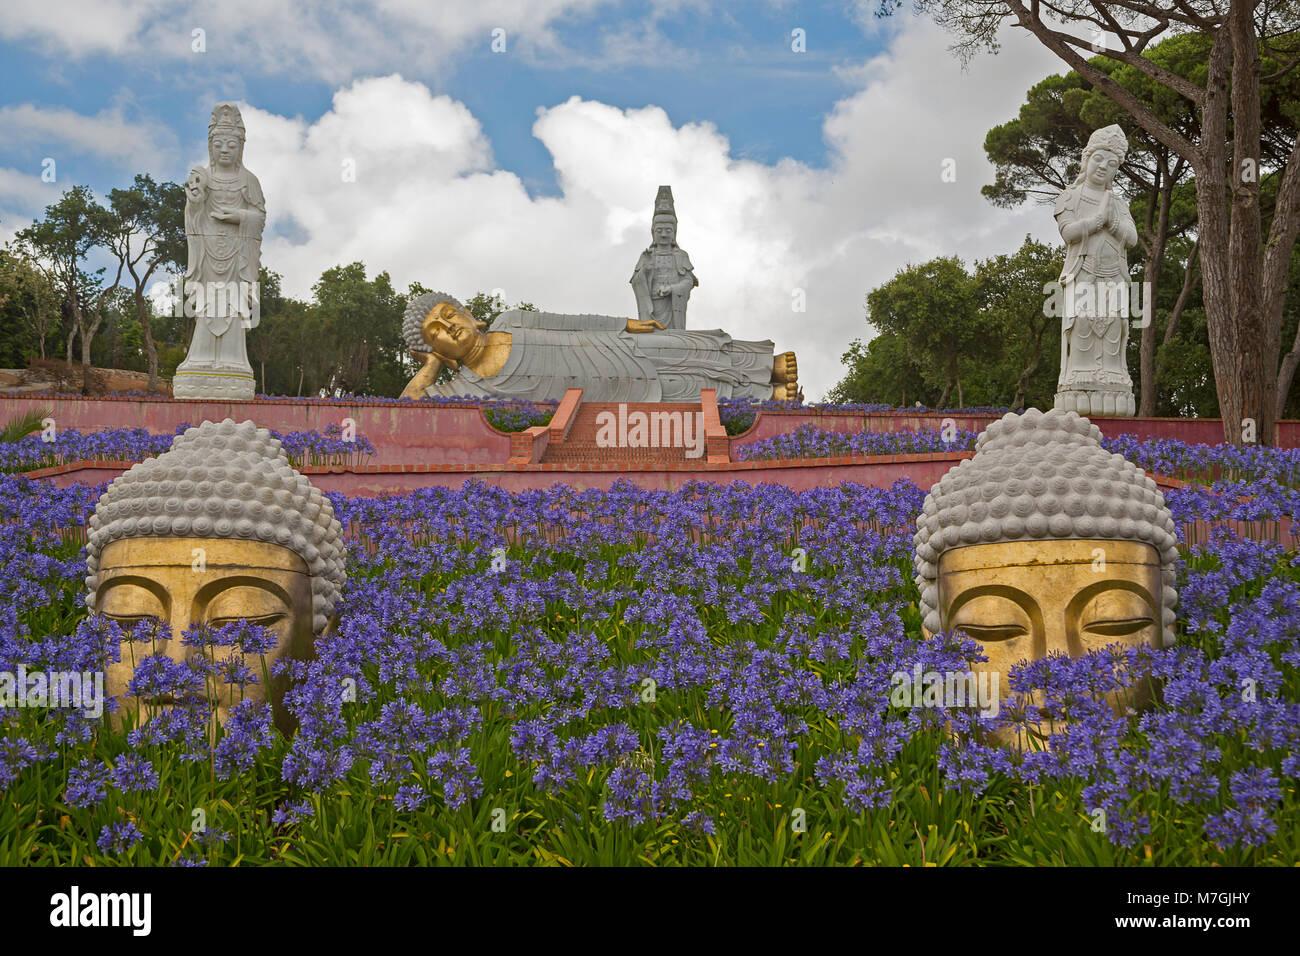 Der Buddha Eden Garden ist 35 Hektar (86 Morgen) der natürlichen Felder, Seen, gepflegten Gärten eine Stunde nördlich von Lissabon. Buddhas, Pagoden, Terrakotta sta Stockfoto